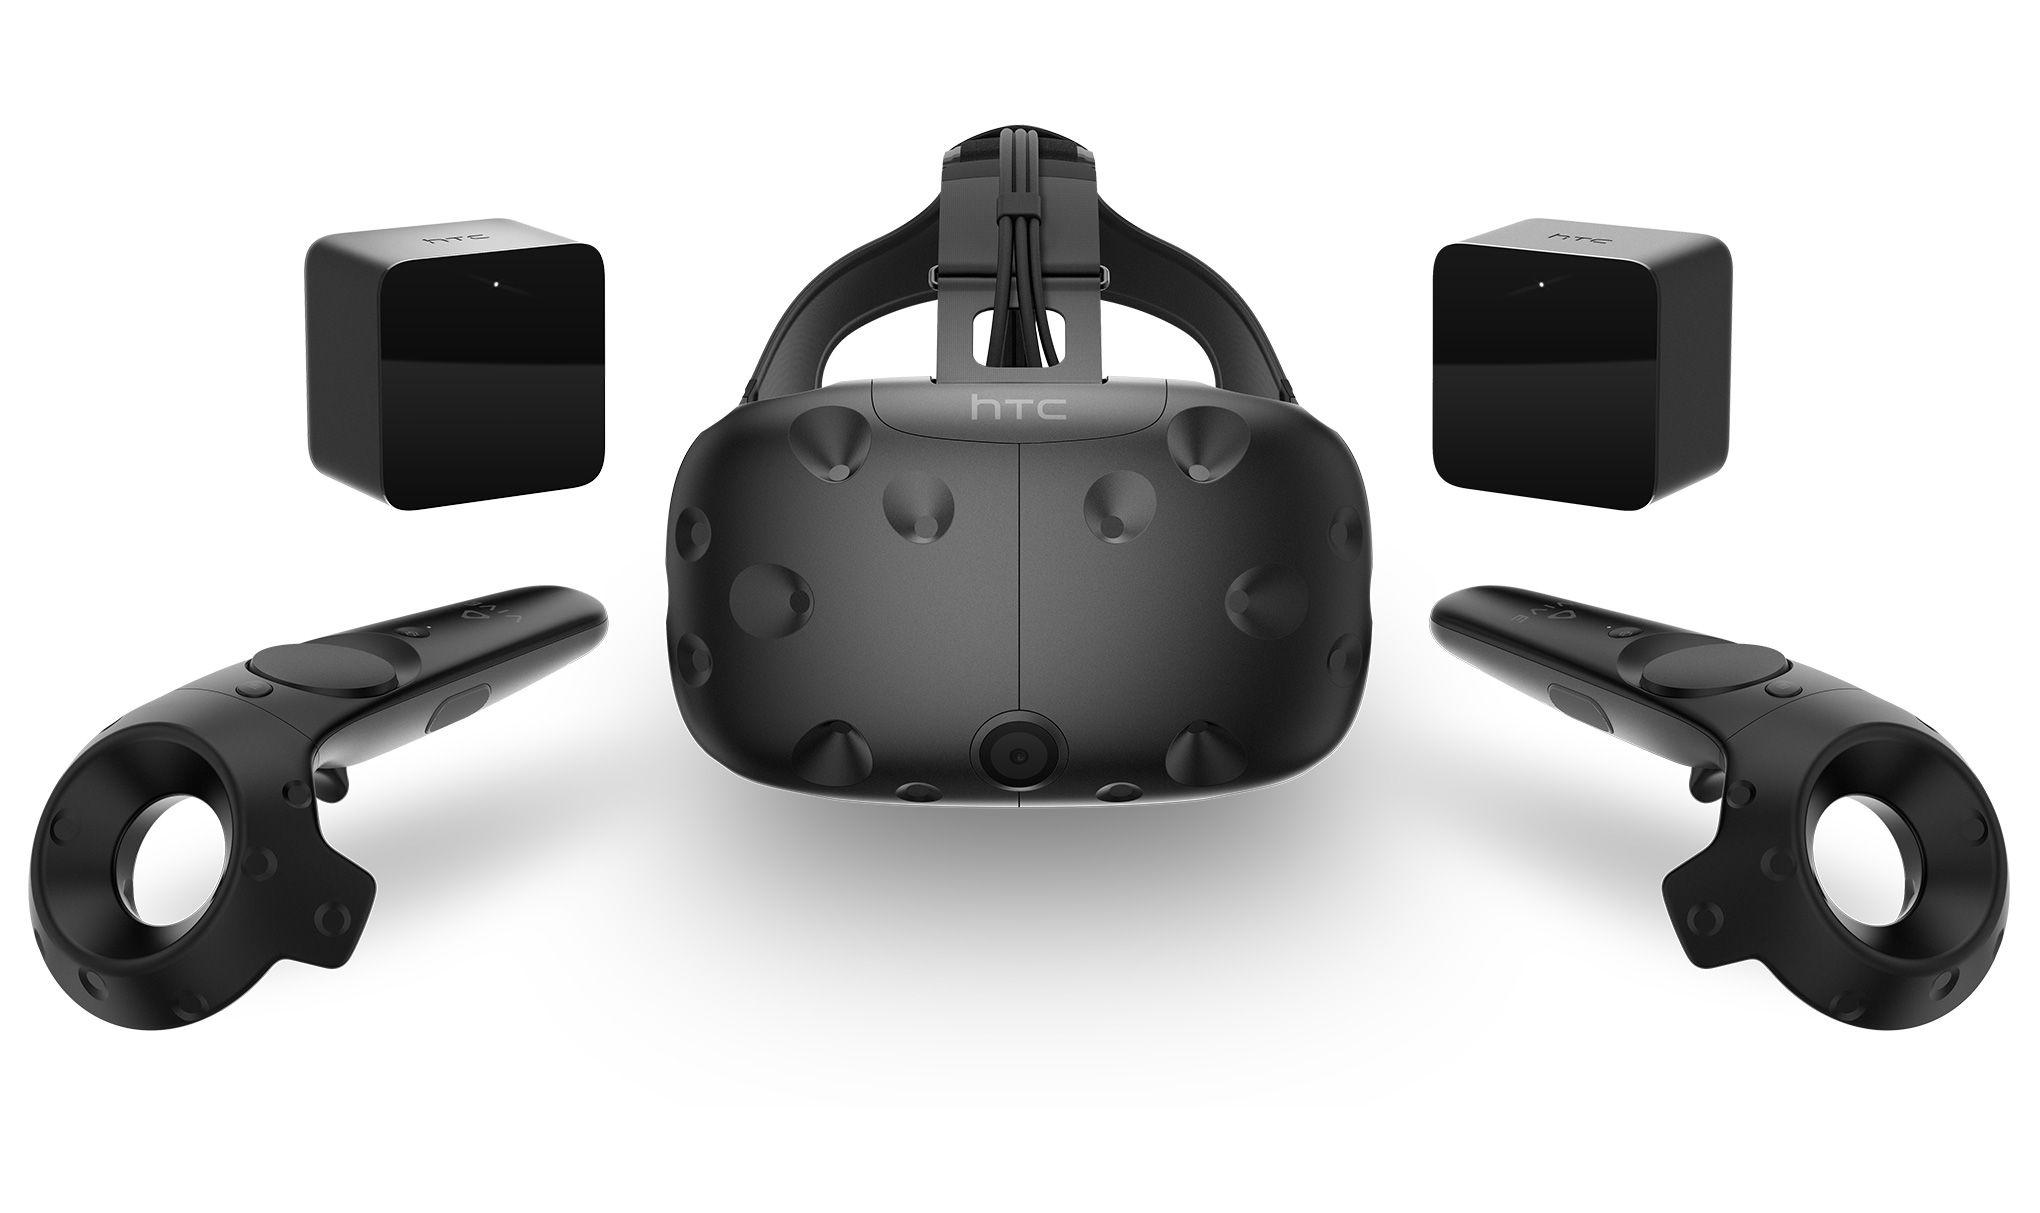 Okuliare HTC Vive majú v balení špeciálne pohybové ovládače pre VR. Všimnite si takisto prednú kameru, vďaka ktorej sa môžete jednoducho prepínať medzi skutočnou a virtuálnou realitou